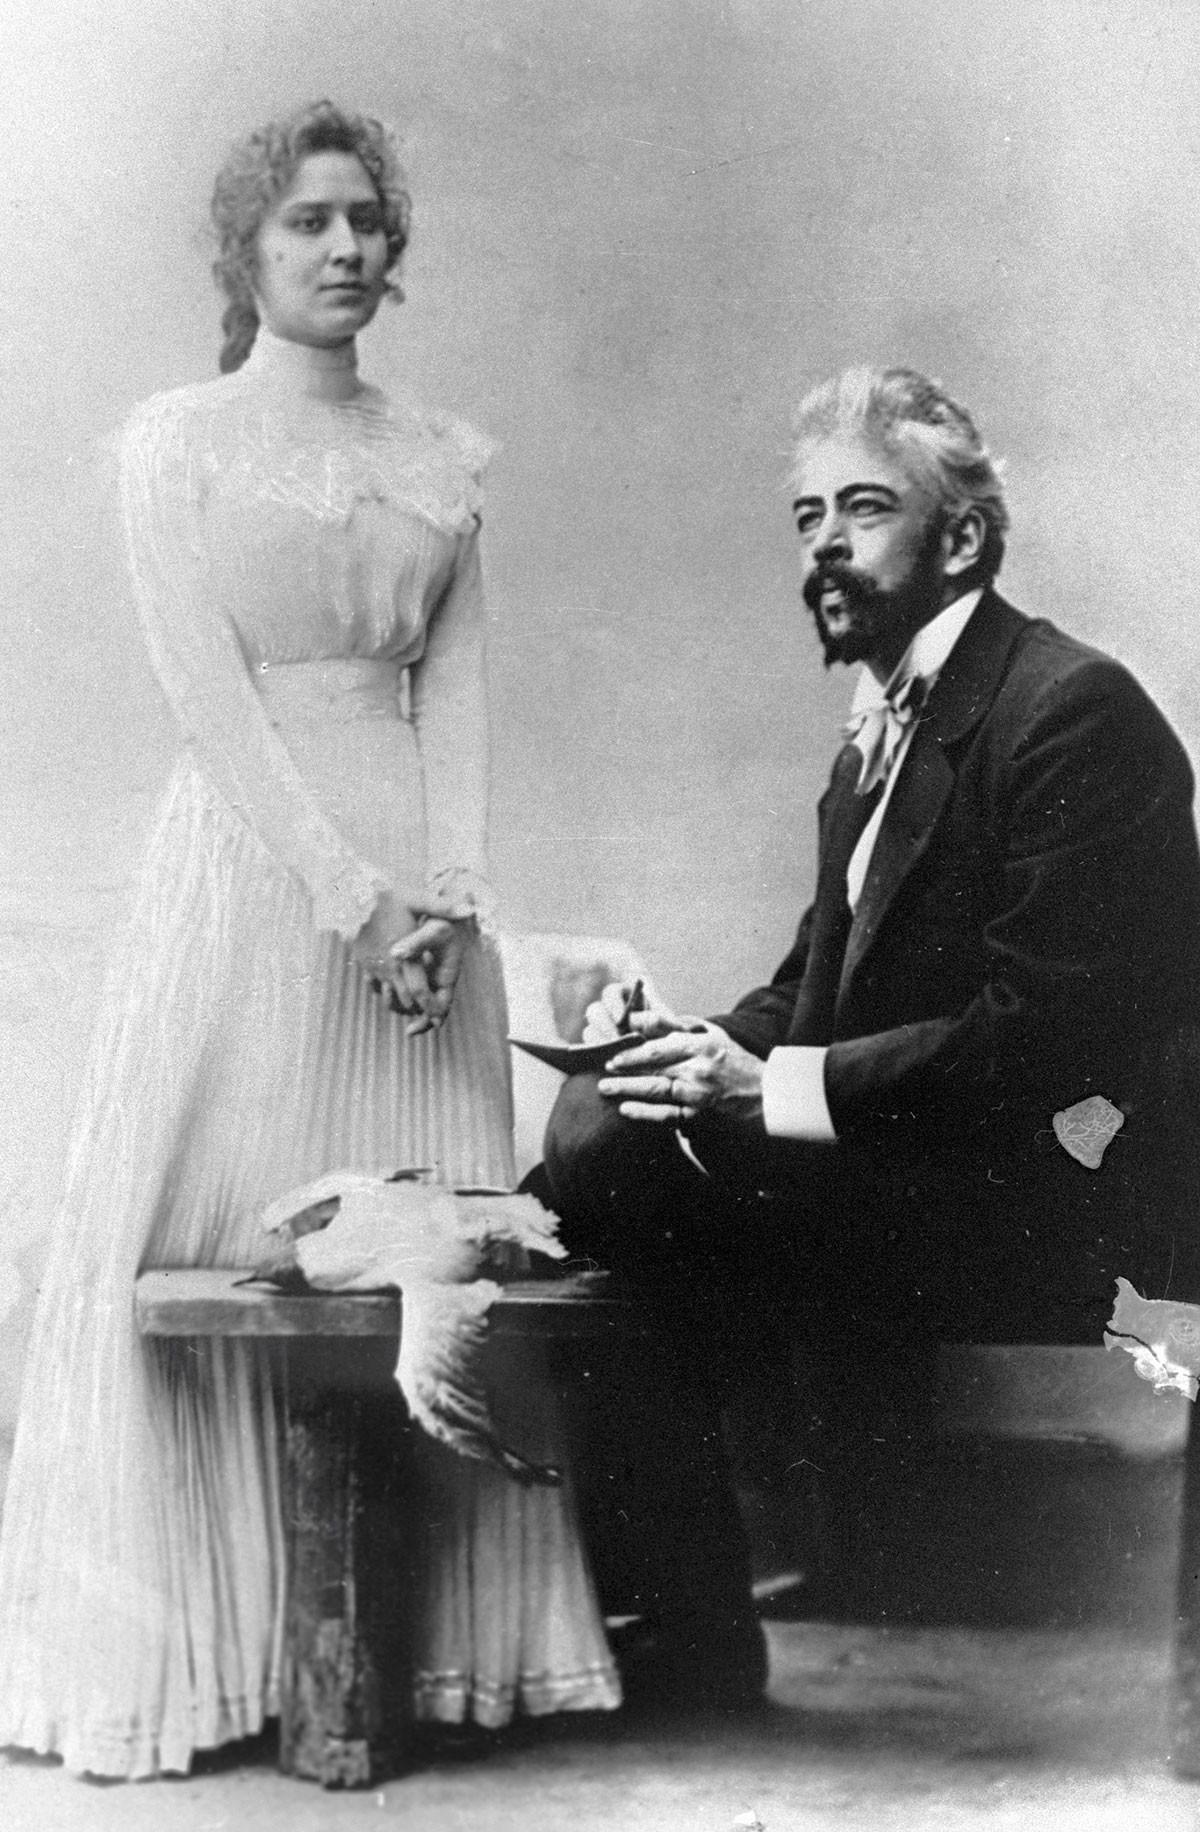 Marija Roksanova nei panni di Nina e Konstantin Stanislavskij nel ruolo di Trigorin nella rappresentazione